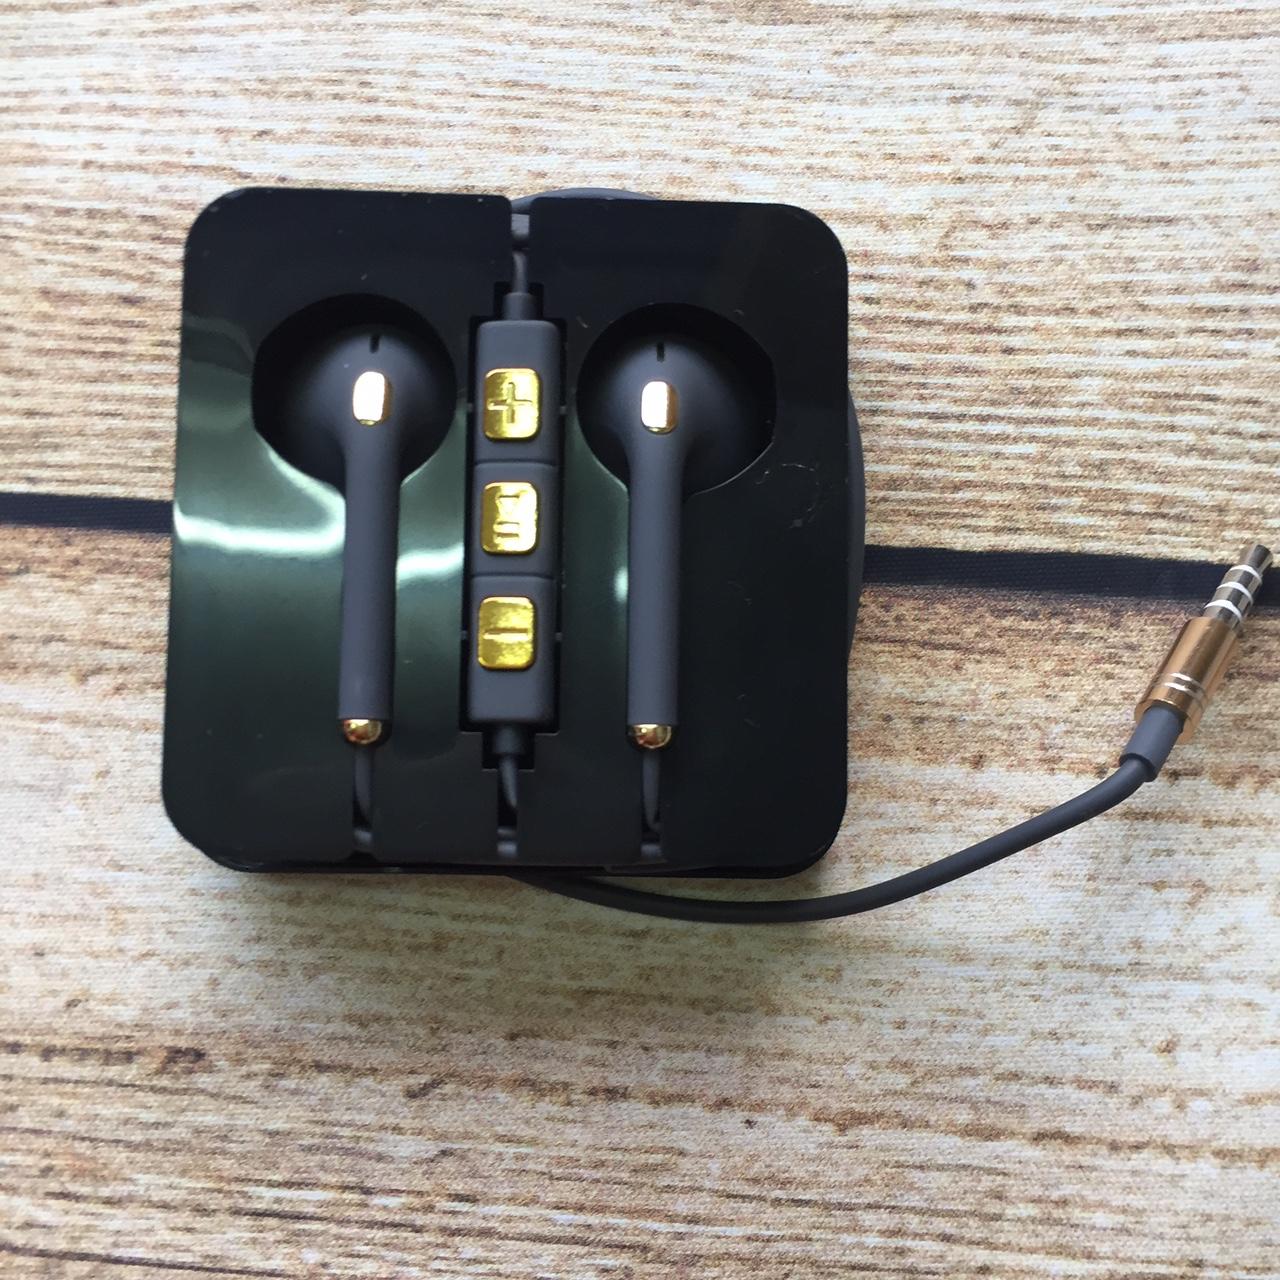 Tai nghe có dây AMW S7 nút mạ vàng hộp meka 2019 - ak3 giá sỉ và lẻ rẻ nhất